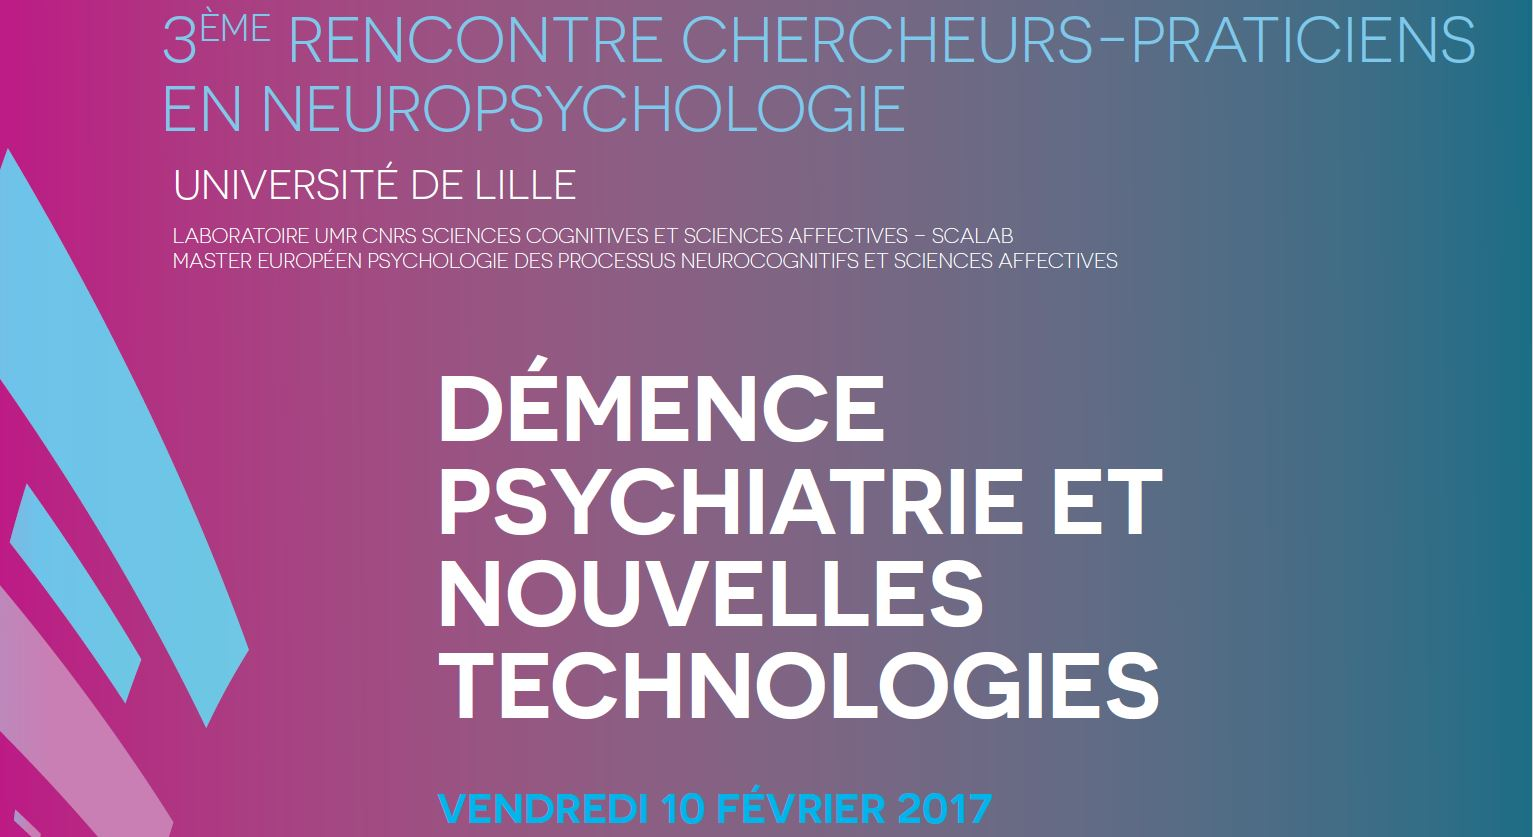 Démence Psychiatrie Et Nouvelles Technologies